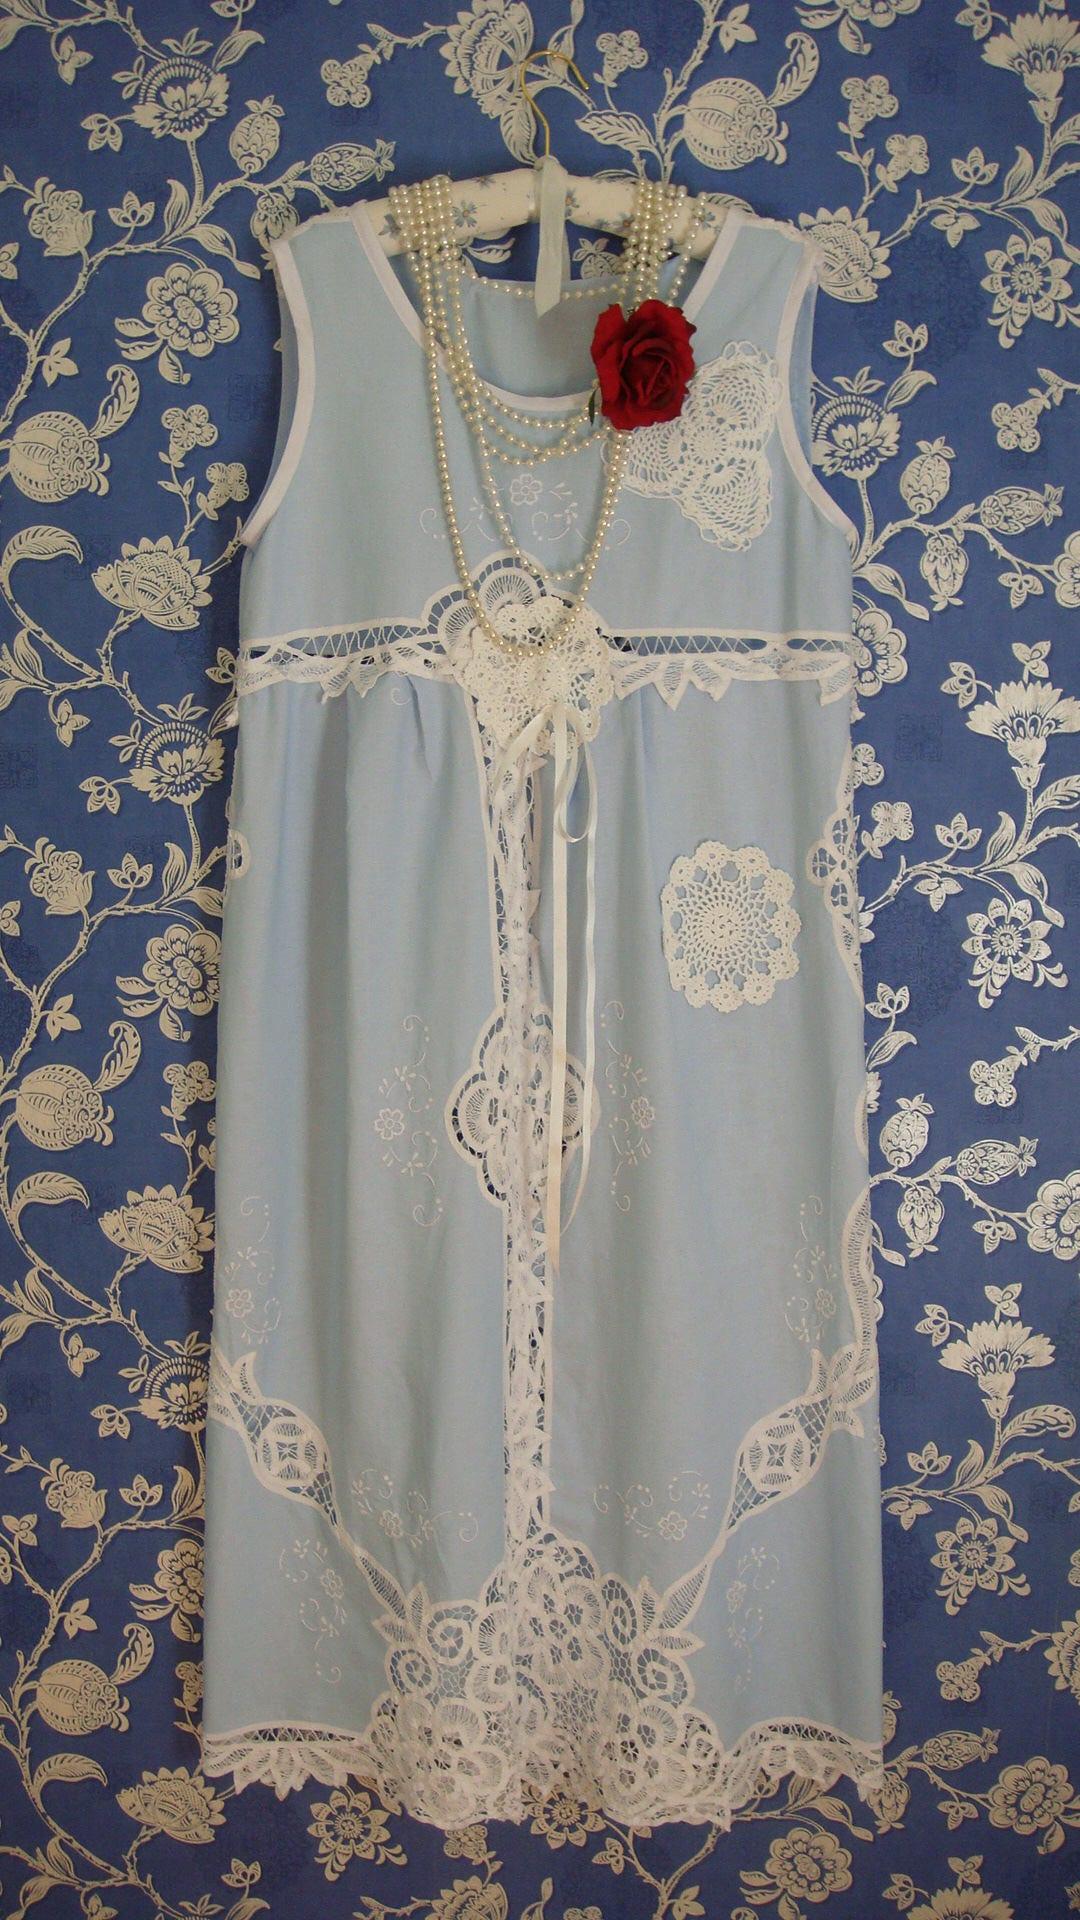 Beautiful Vintage Pale Blue and White Cotton Battenburg Lace Long Maxi Bridesmaid Garden Party Dress